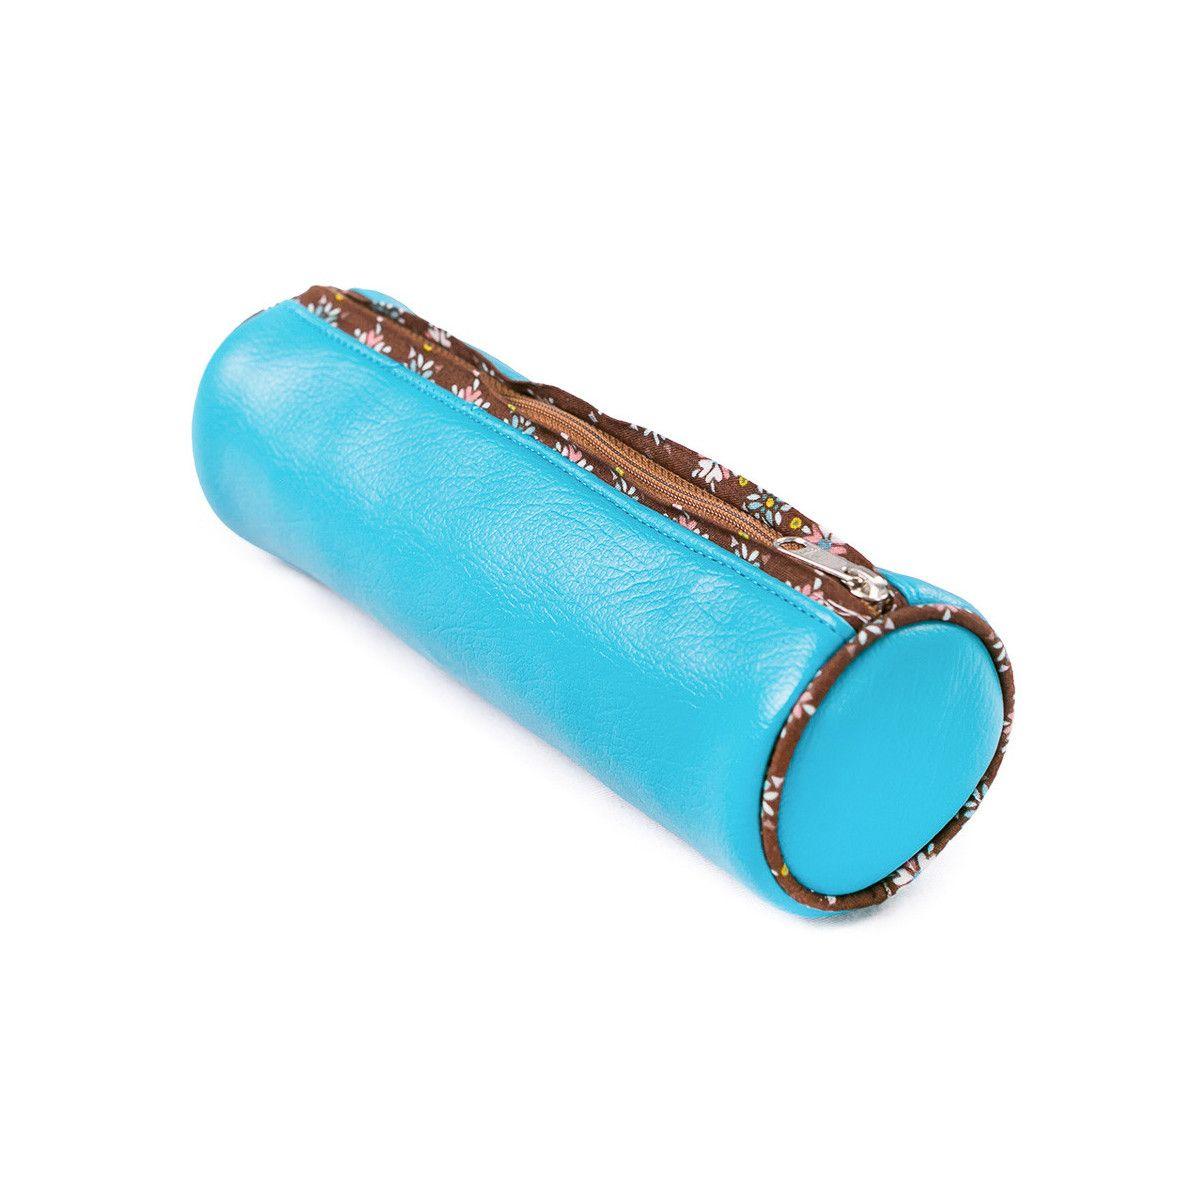 trousse ronde école enfant bleu turquoise et marron chocolat